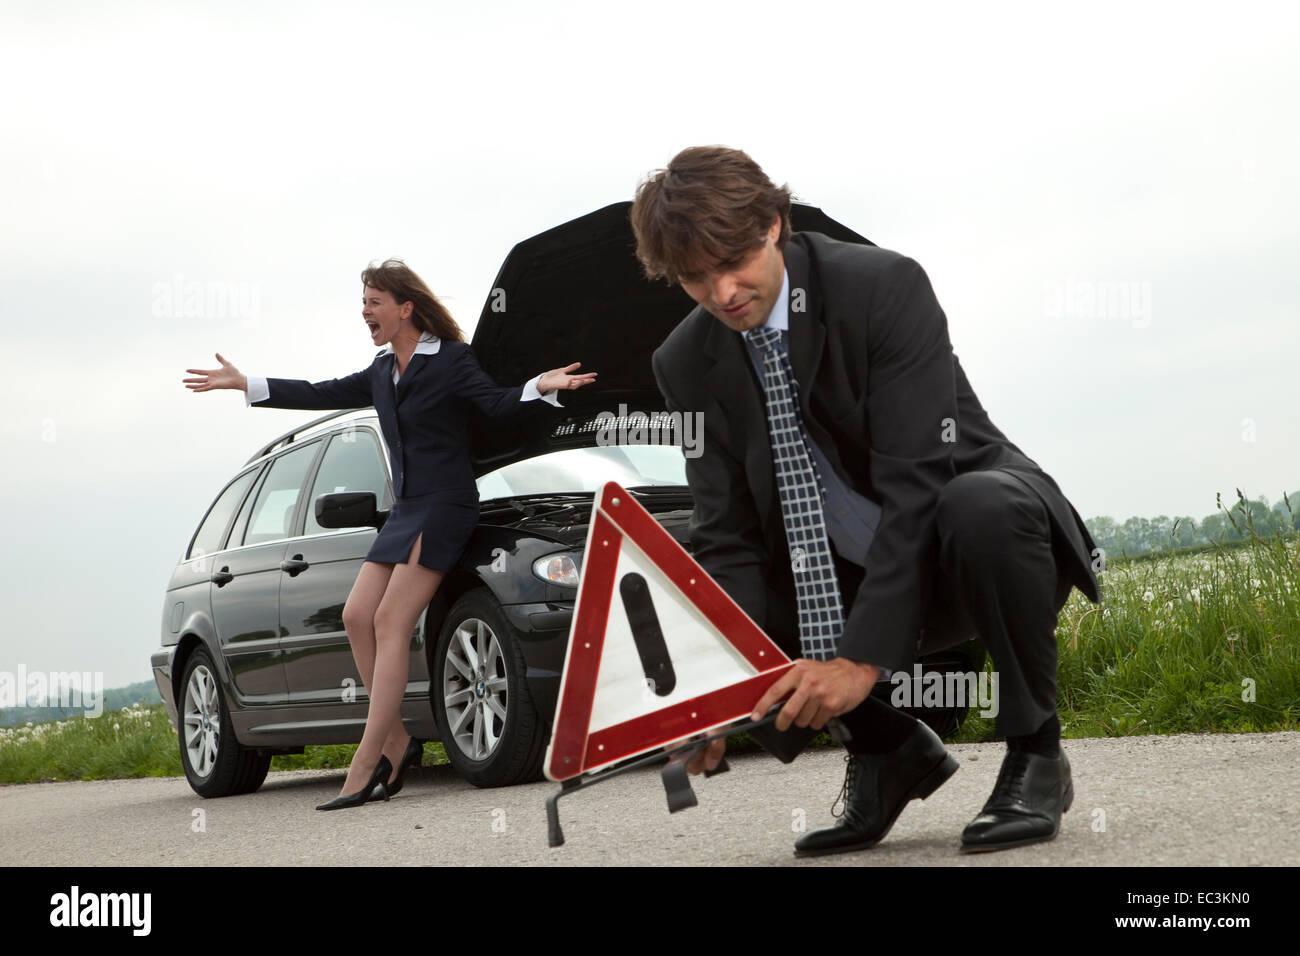 Car broke down - Stock Image